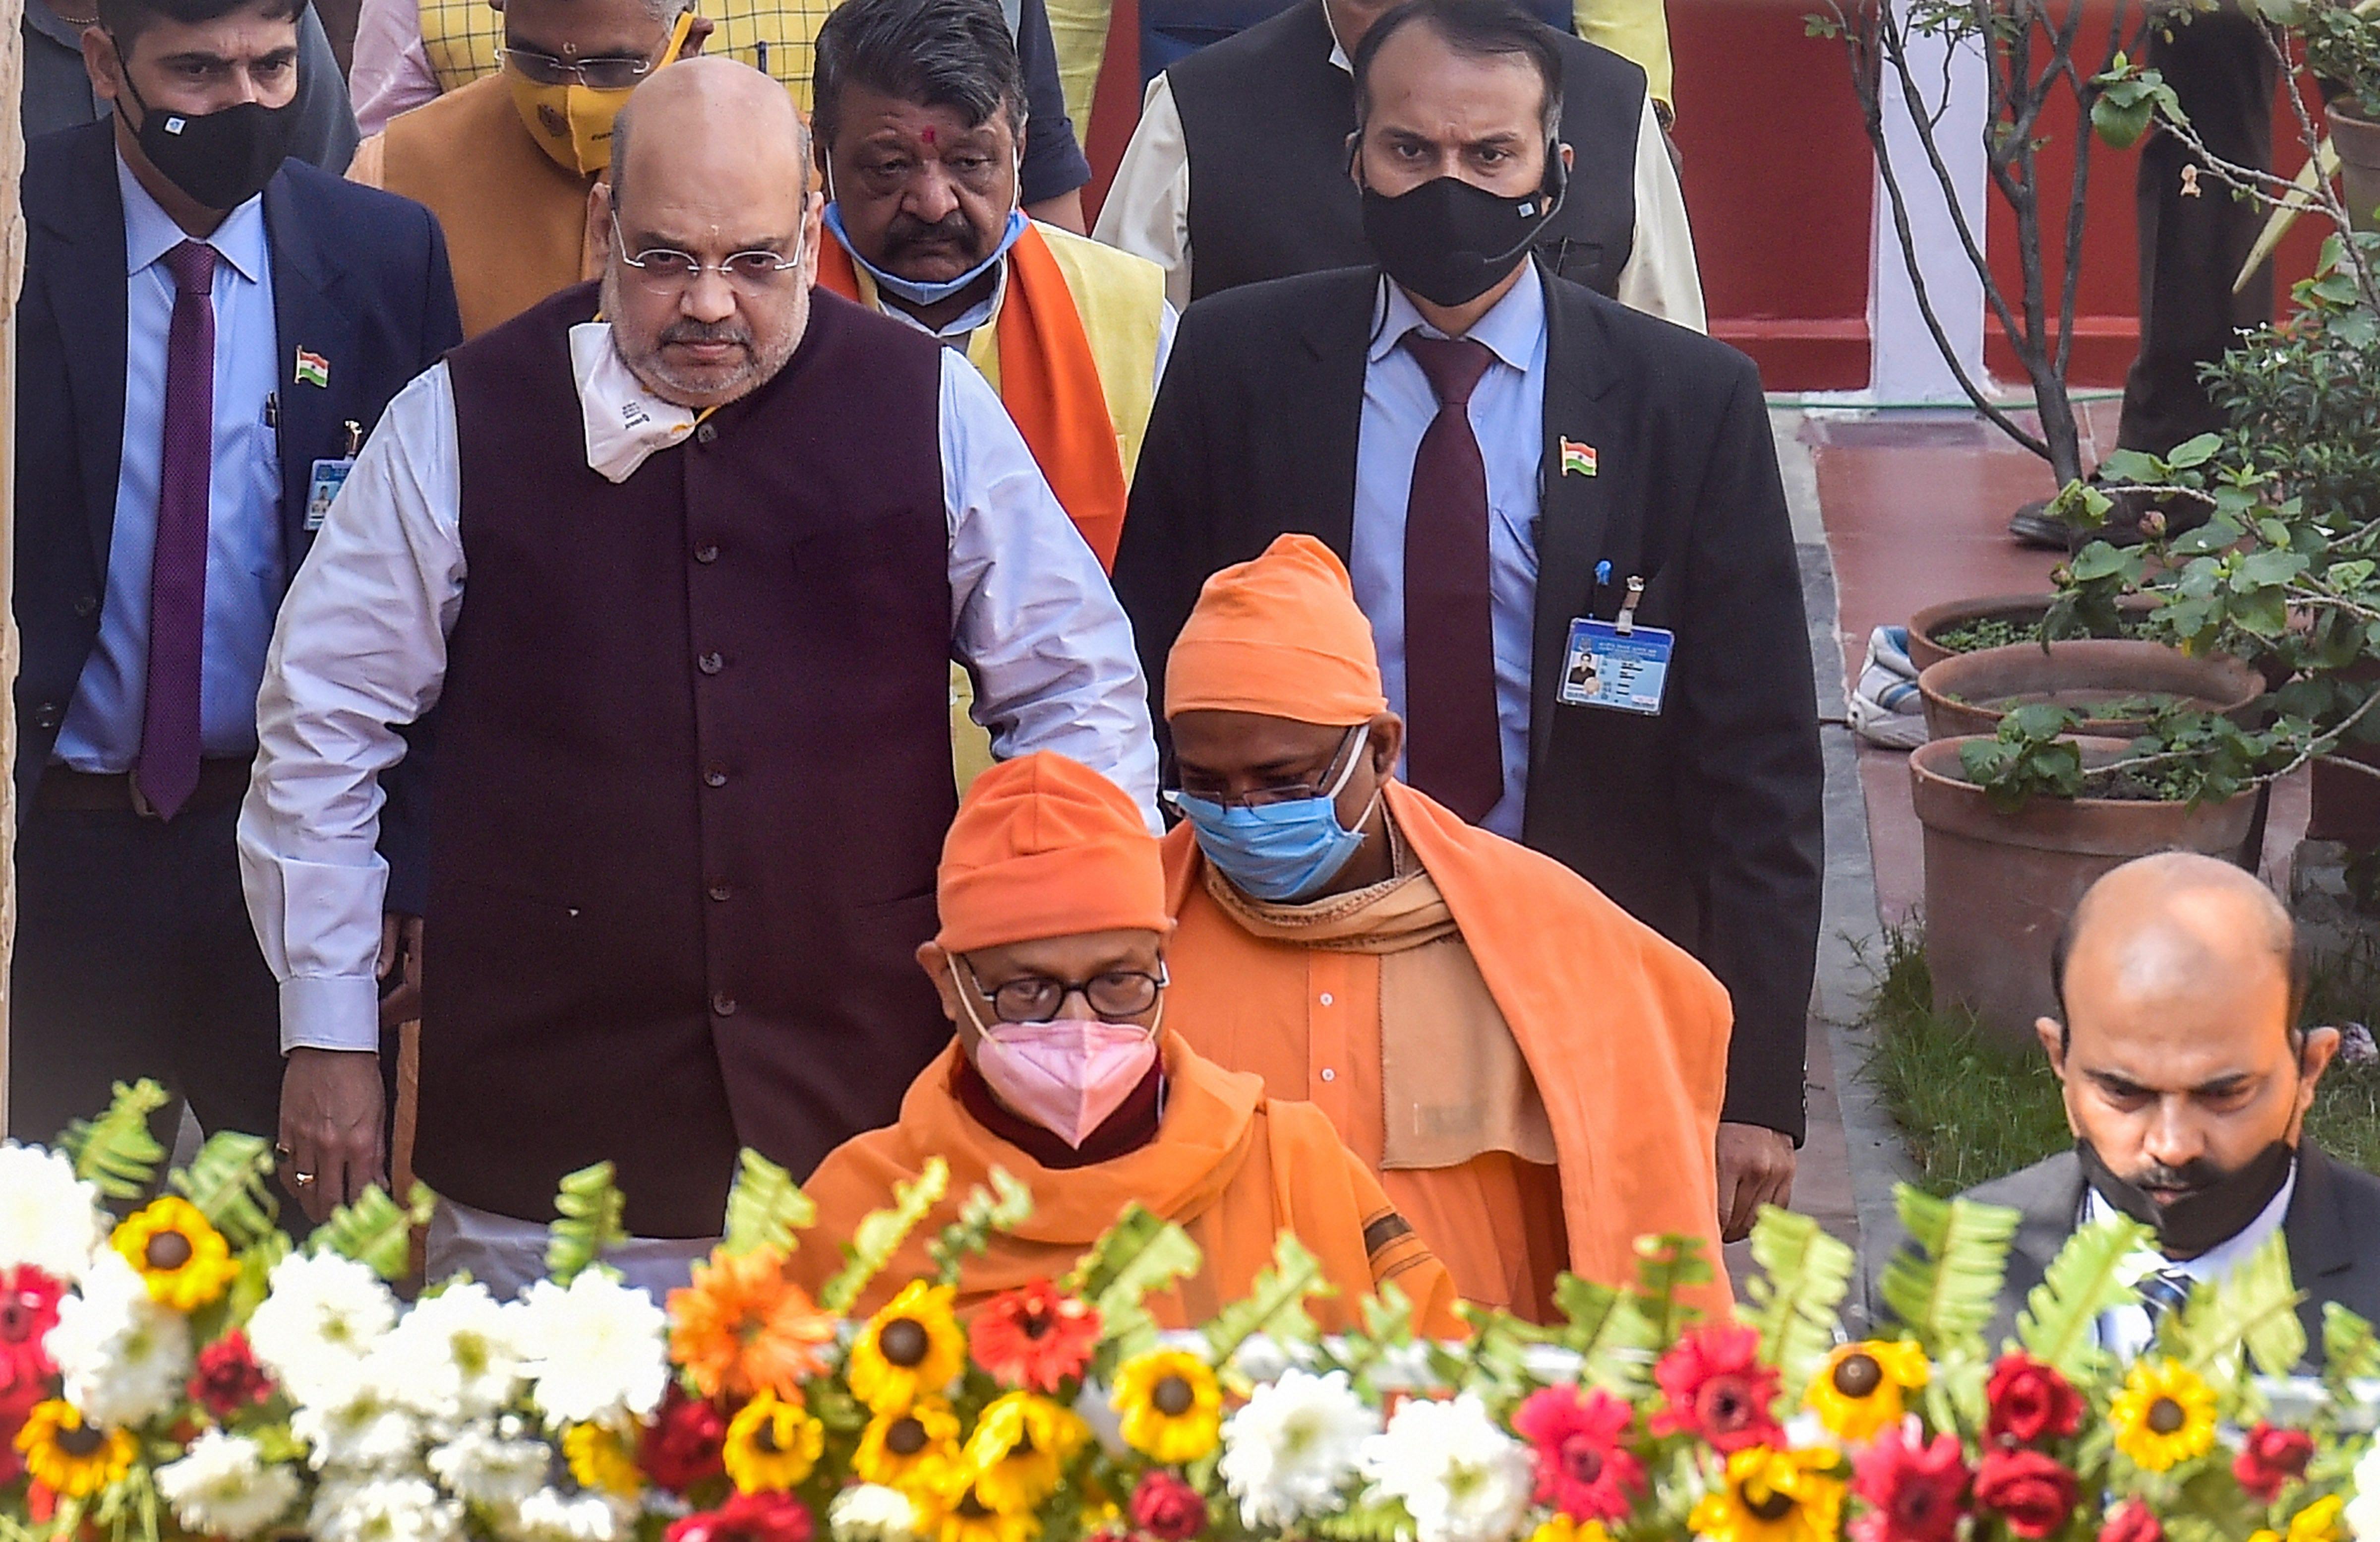 रामकृष्ण आश्रम में अमित शाह ने स्वामी विवेकानंद और उनके गुरु रामकृष्ण परमहंस को नमन किया।